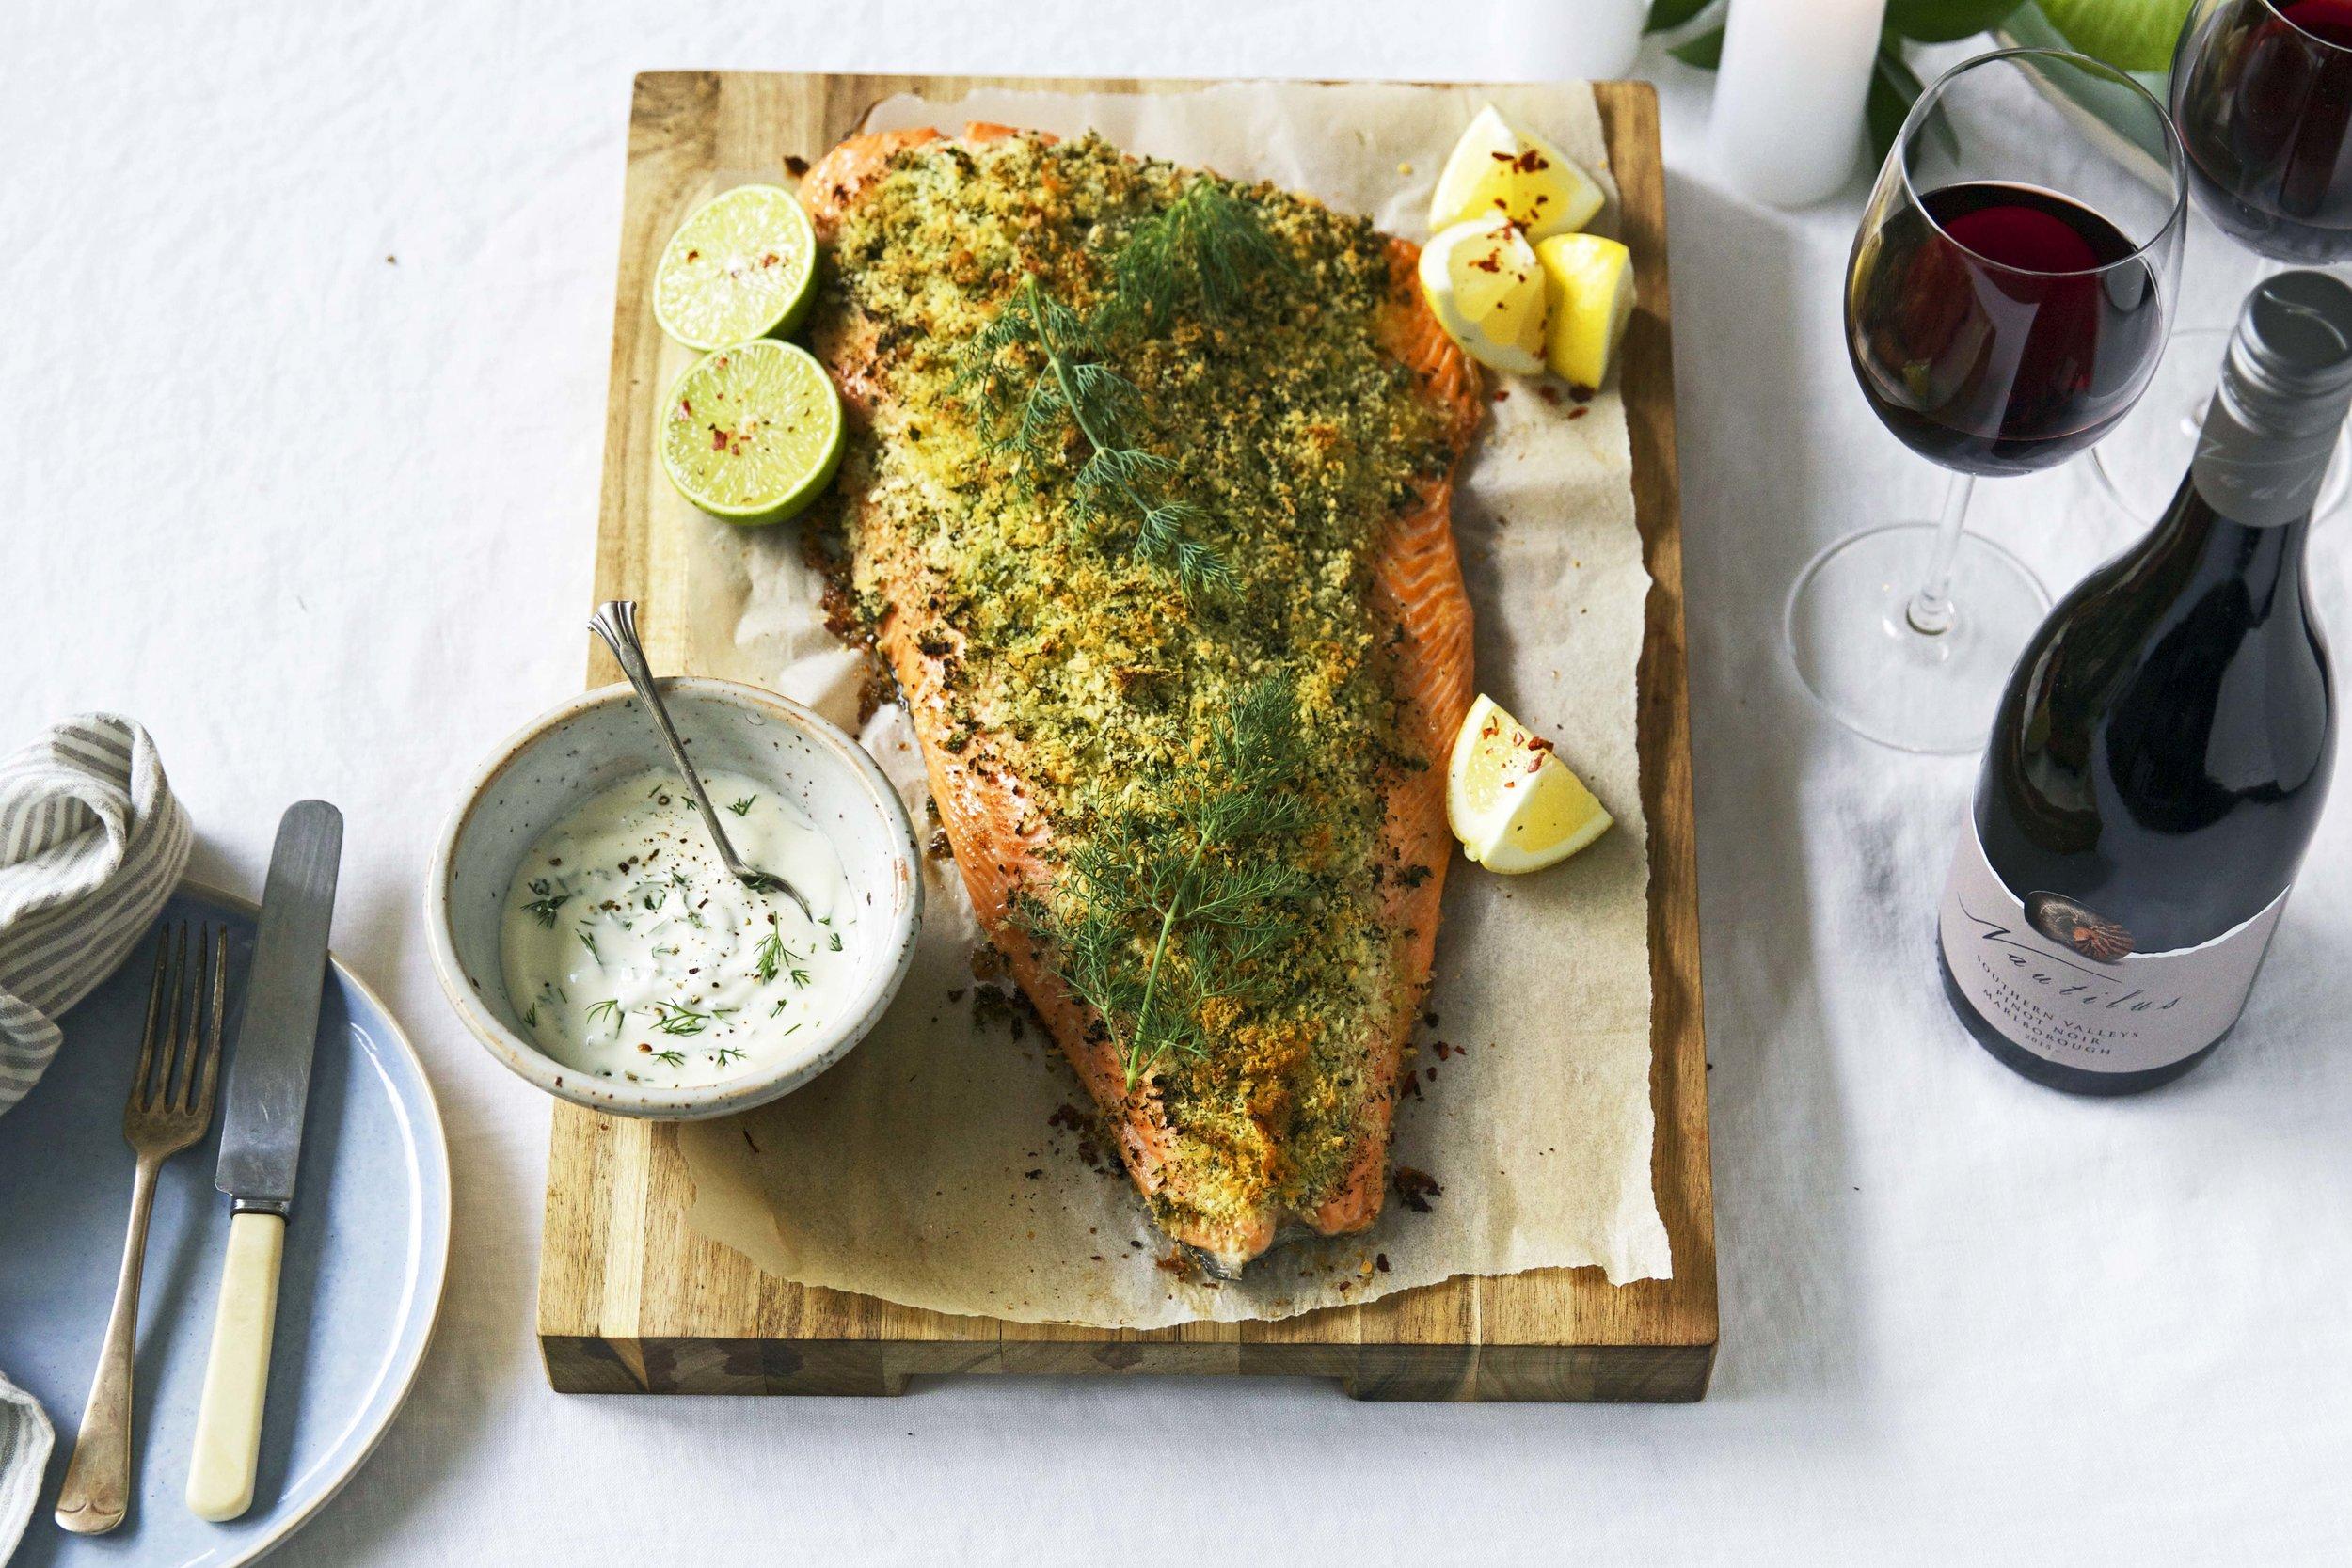 NAUTILUS_LOW RES_XMAS Herb crusted salmon.jpg